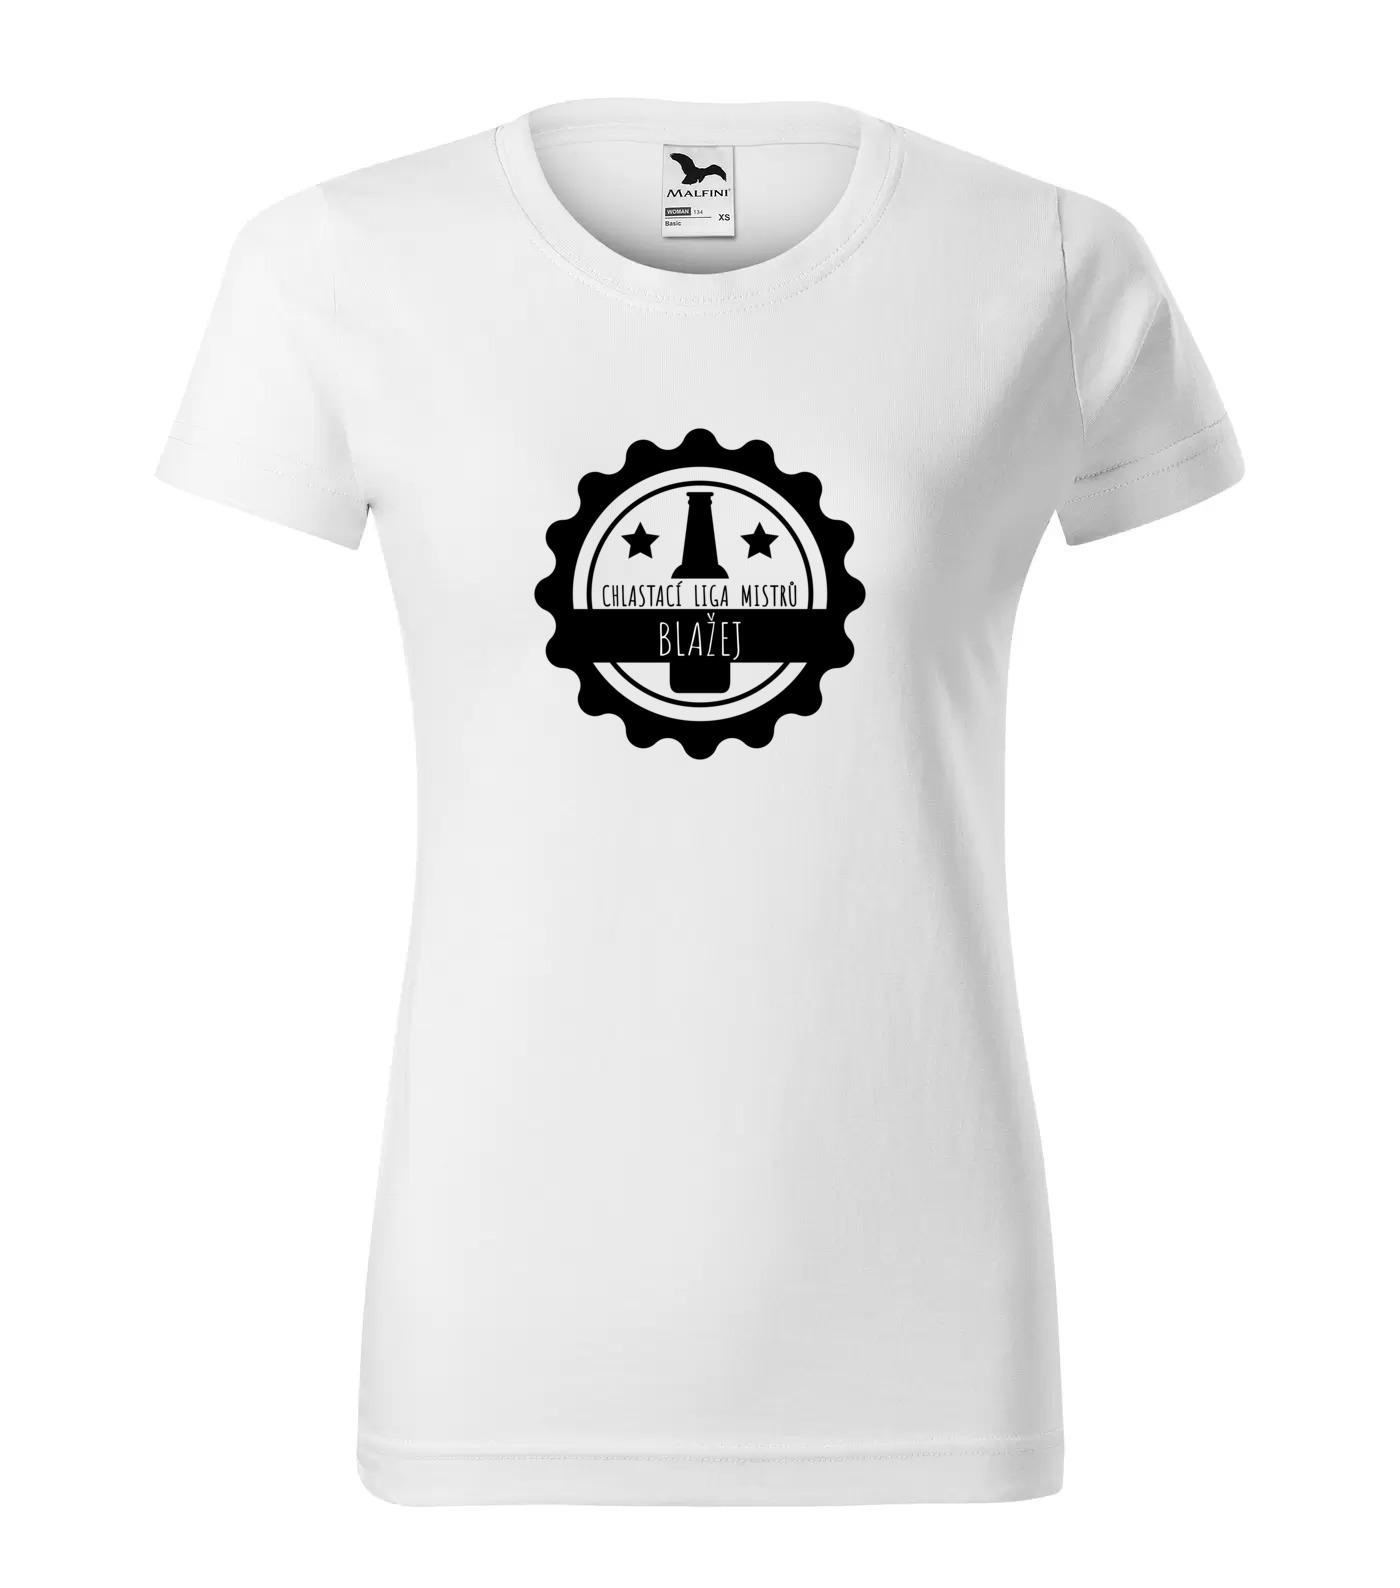 Tričko Chlastací liga žen Blažej